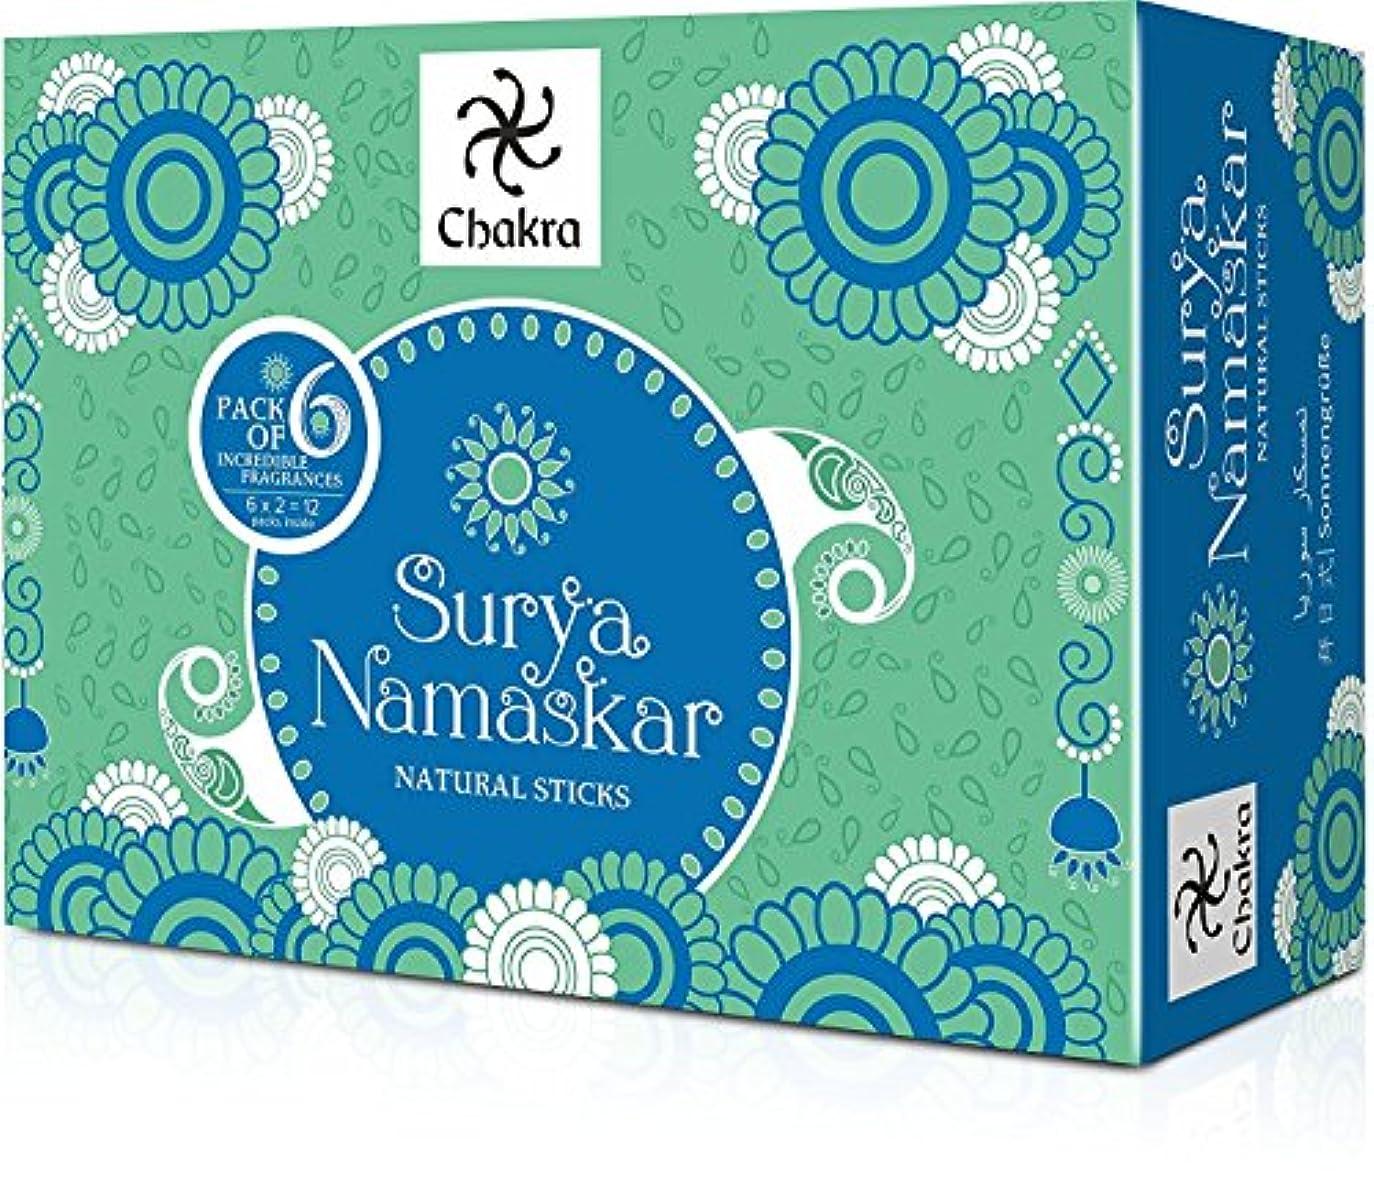 見出し競争力のある冗談でチャクラSurya Namaskar長持ちIncense sticks- 6 Fragrance – Madeから天然エッセンシャルオイル&ハーブingredients- Inspired byヨガaasanas- Effective...